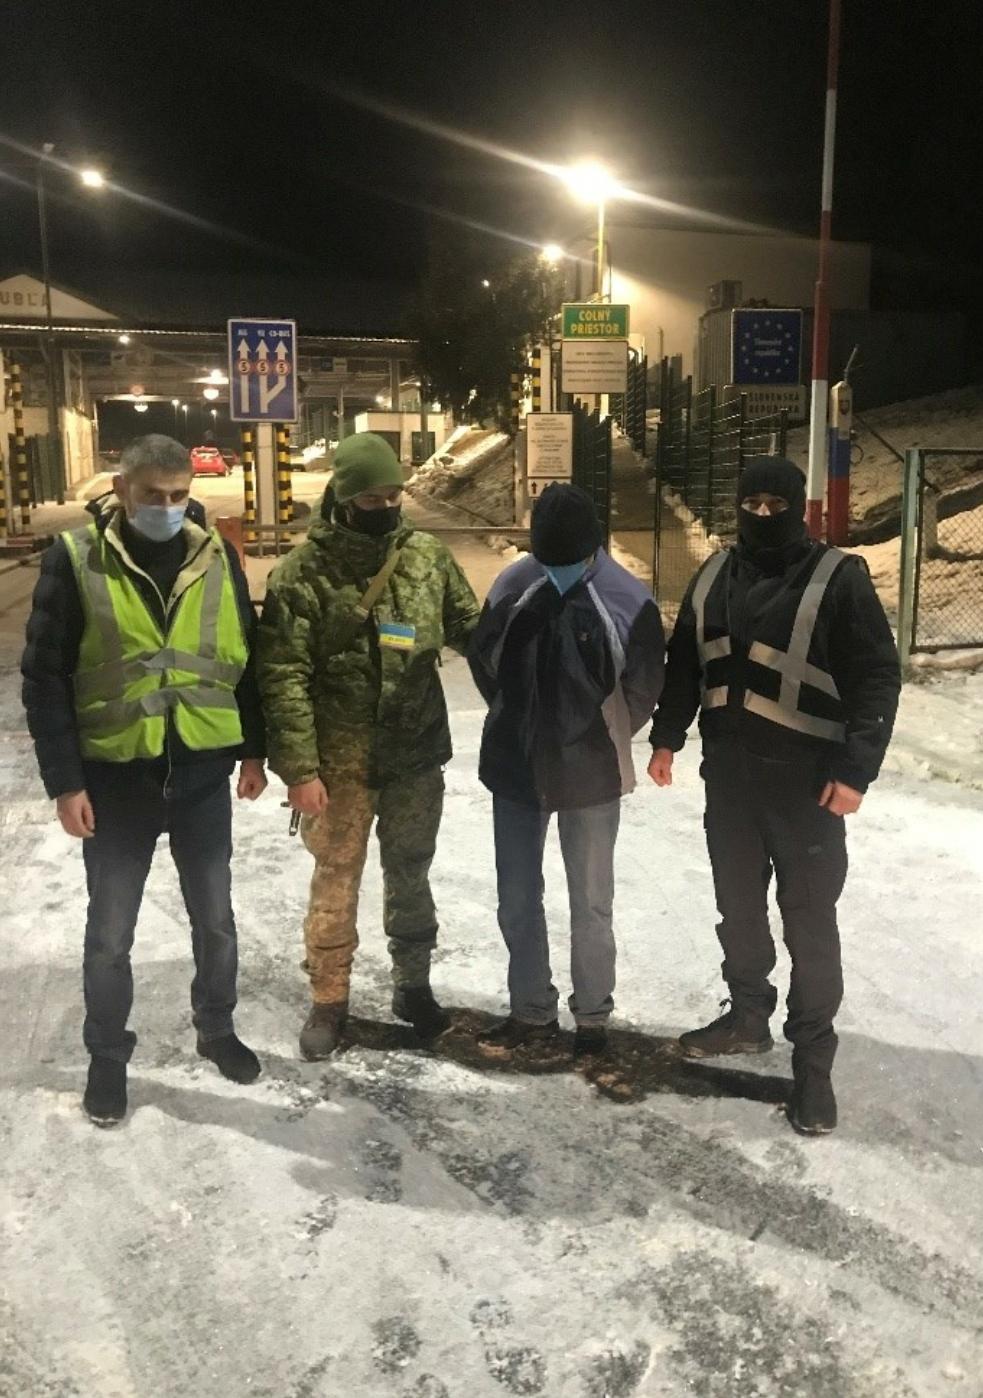 Поблизу словацького кордону на Закарпатті затримали розшукуваного Інтерполом злочинця